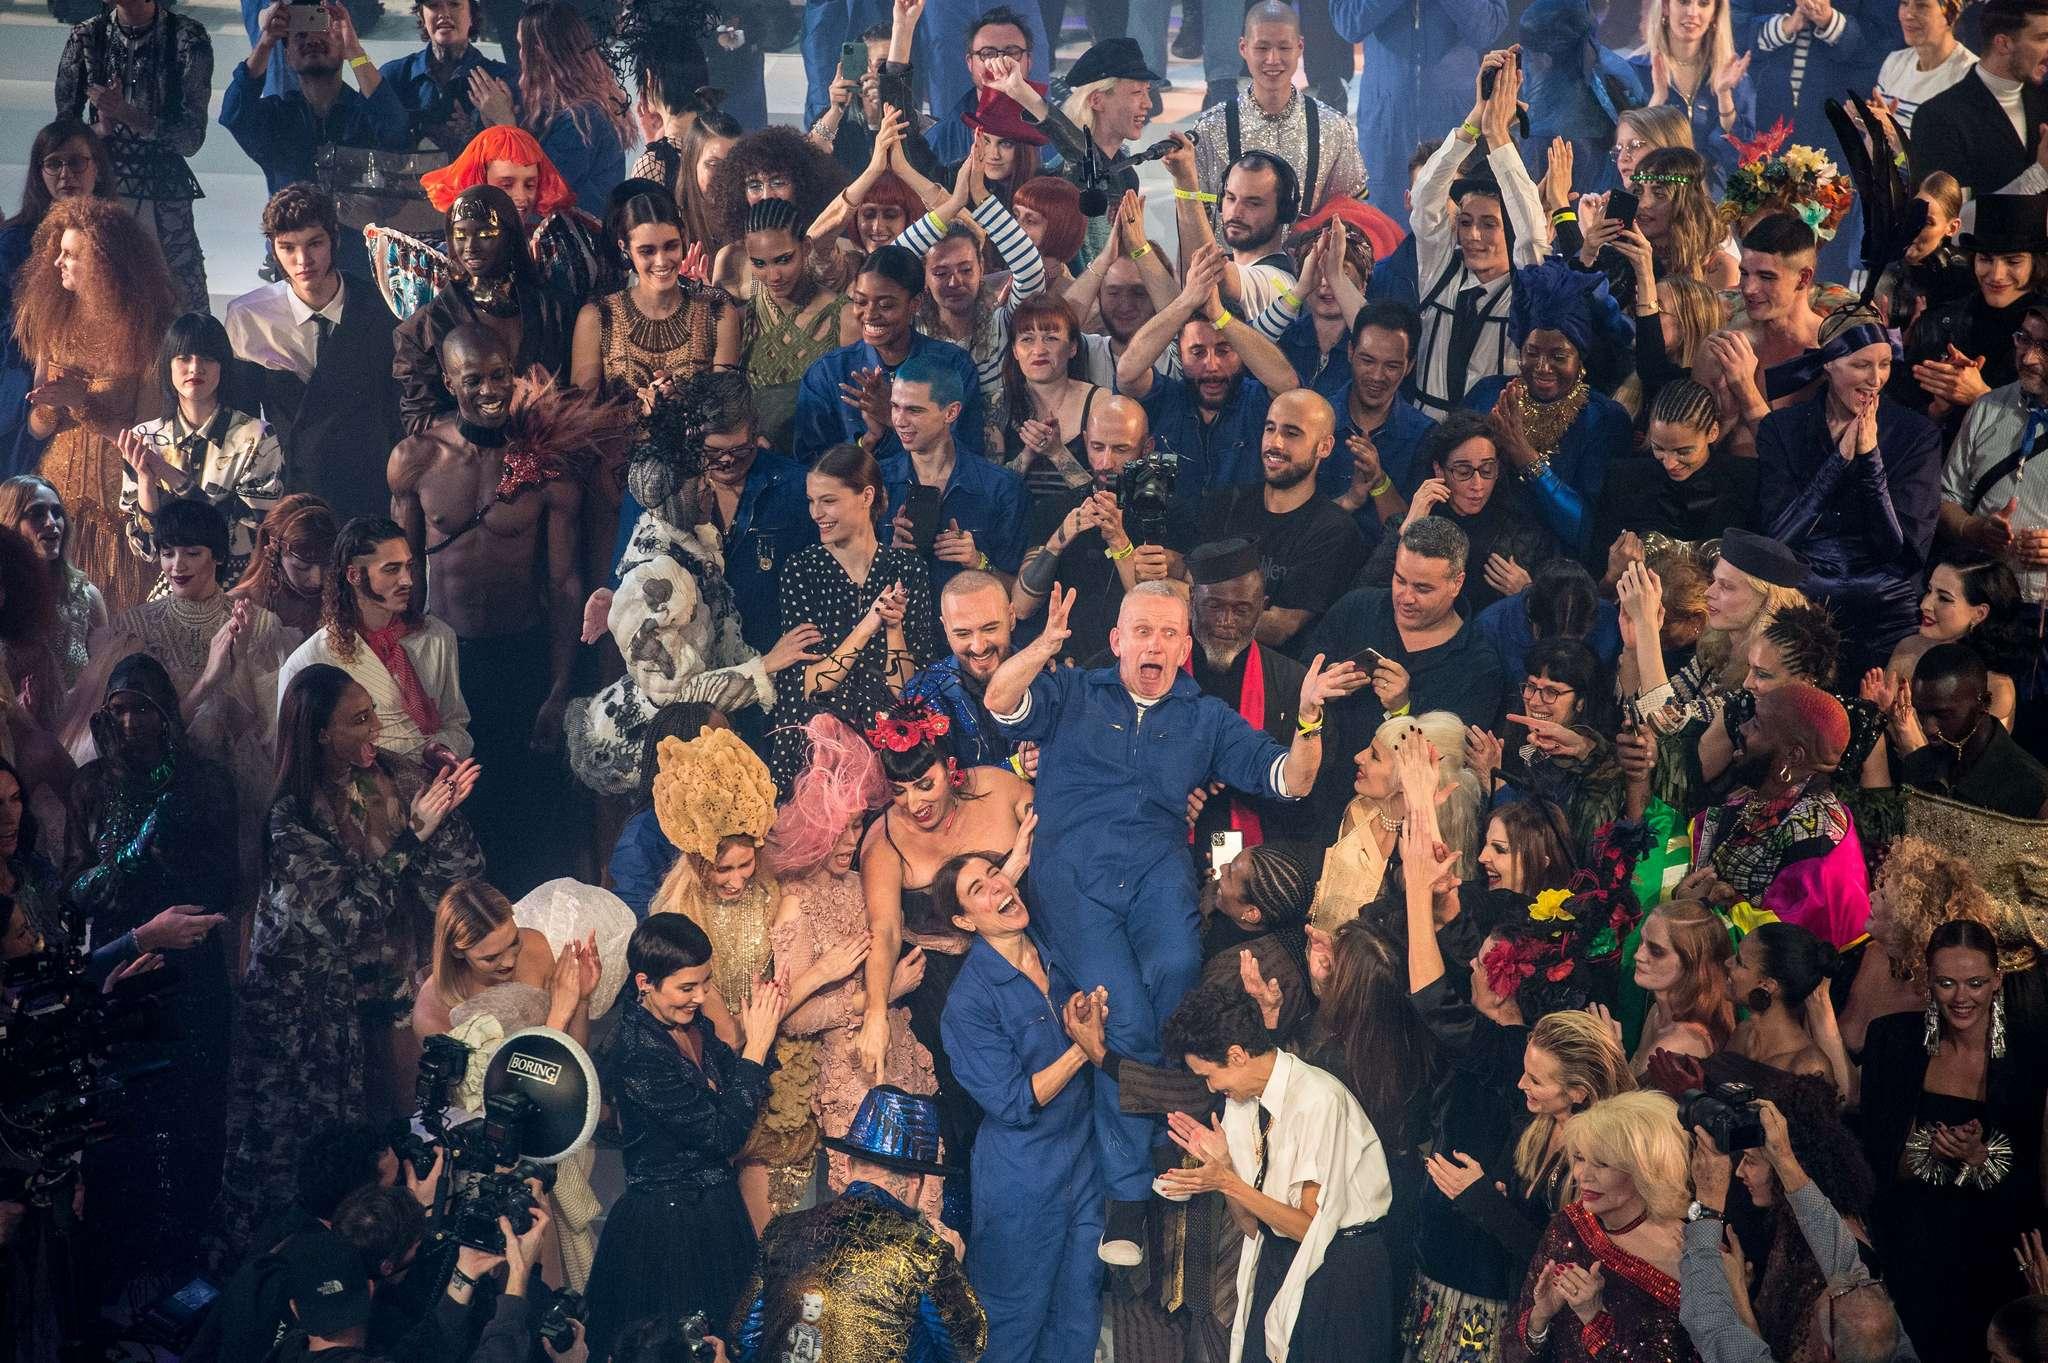 On voit Jean-Paul Gaultier en combinaison bleue heureux et joeux entouré de tous ses amis proches, entrain de fêter le dernier défilé haute couture du créateur Jean-Paul Gaultier en leur compagnie.